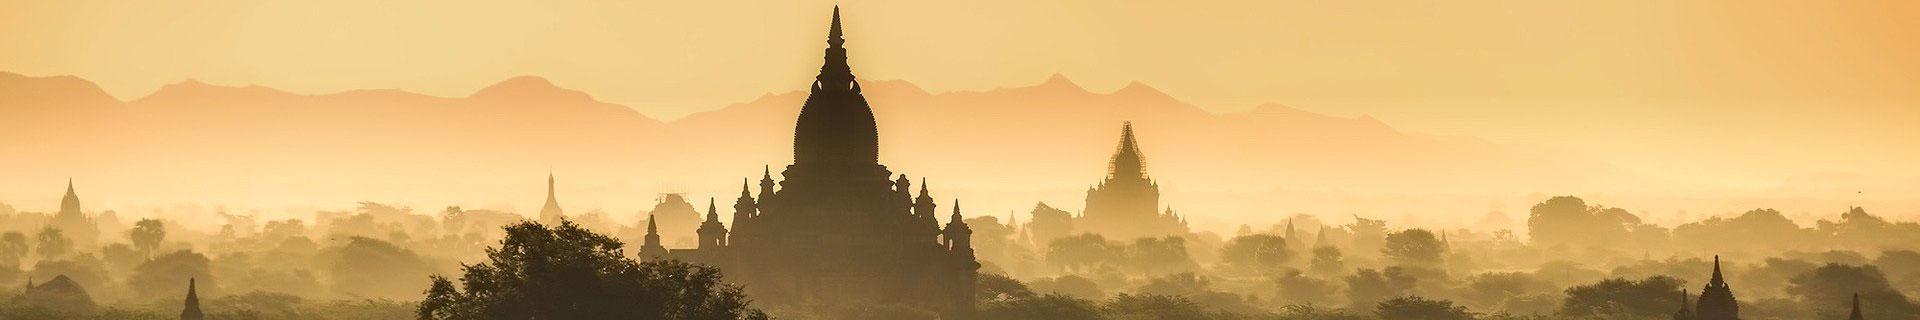 motorradreise-myanmar-slider-03